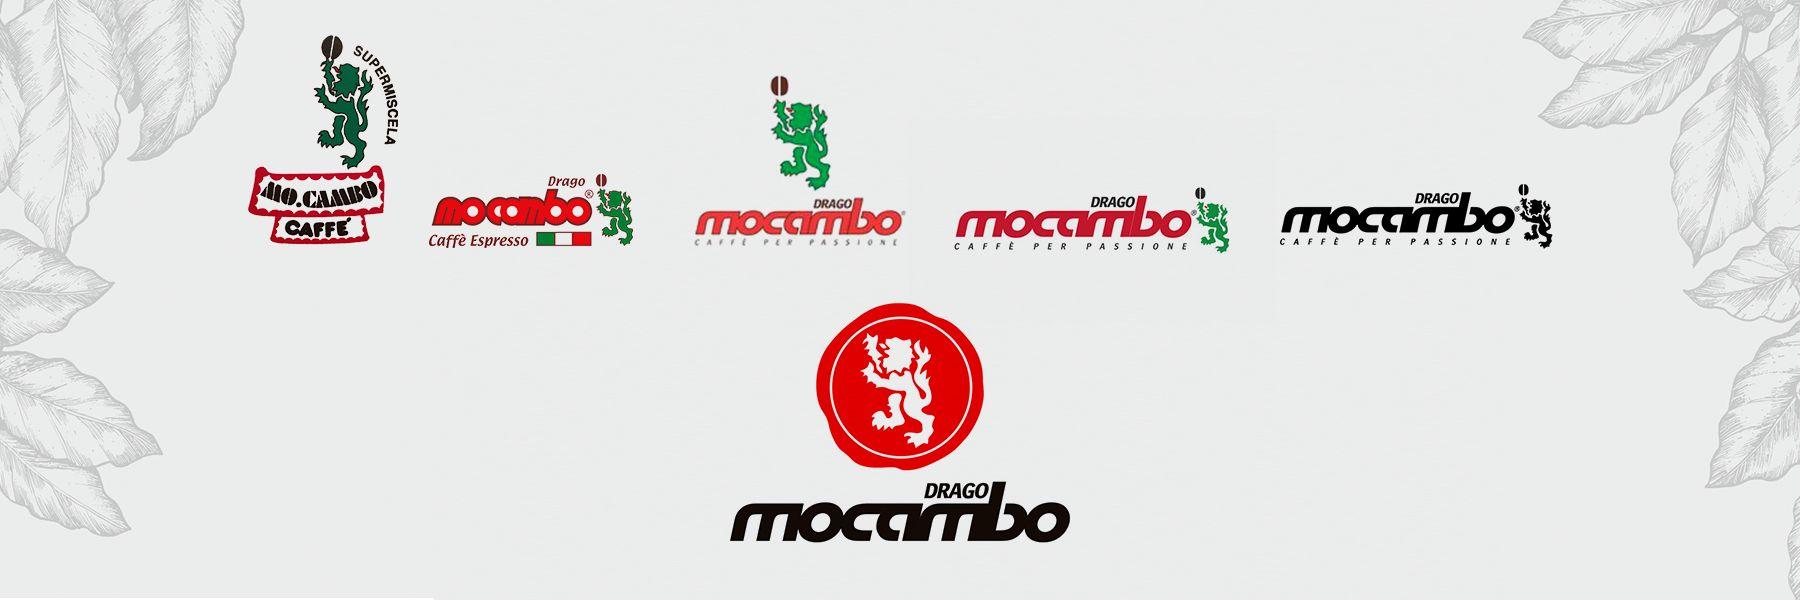 Mocambo-Logo-Entwicklung 2018 neues Logo Kaffee